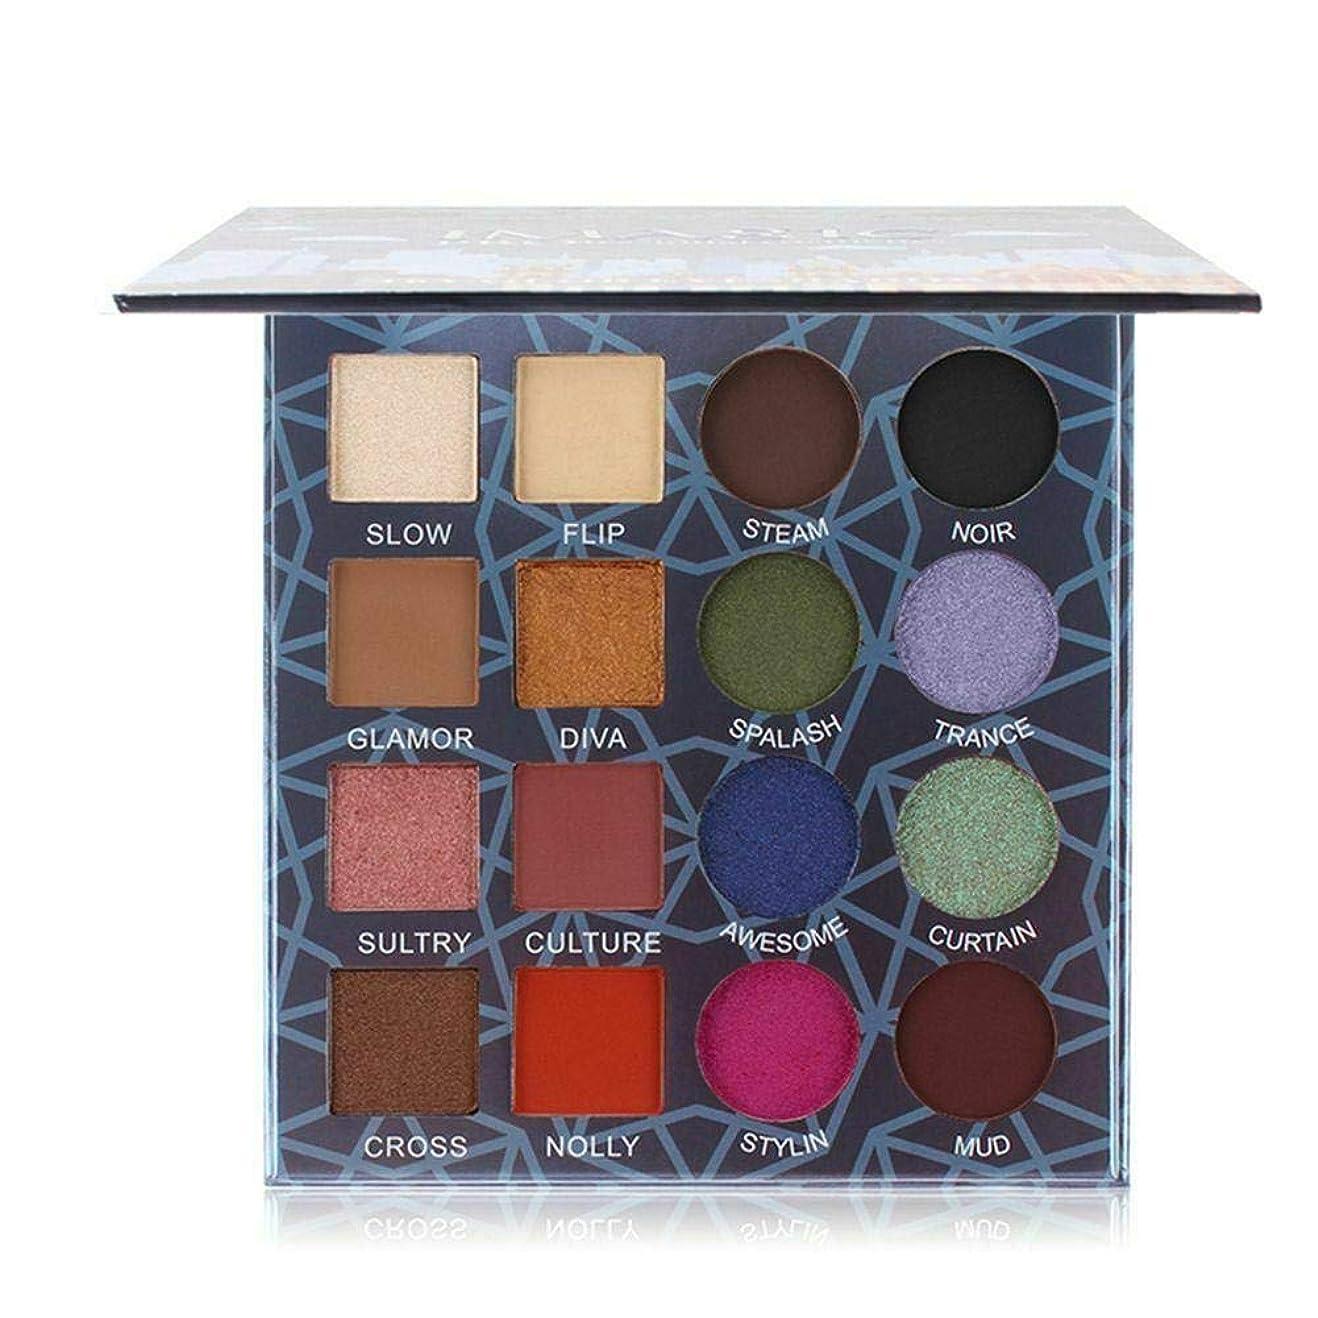 想像力解くトピックBETTER YOU (ベター ュー) アイシャドウトレイ、真珠光沢、マット、ミックスアイシャドウトレイ、防水、汚れやすい、16色